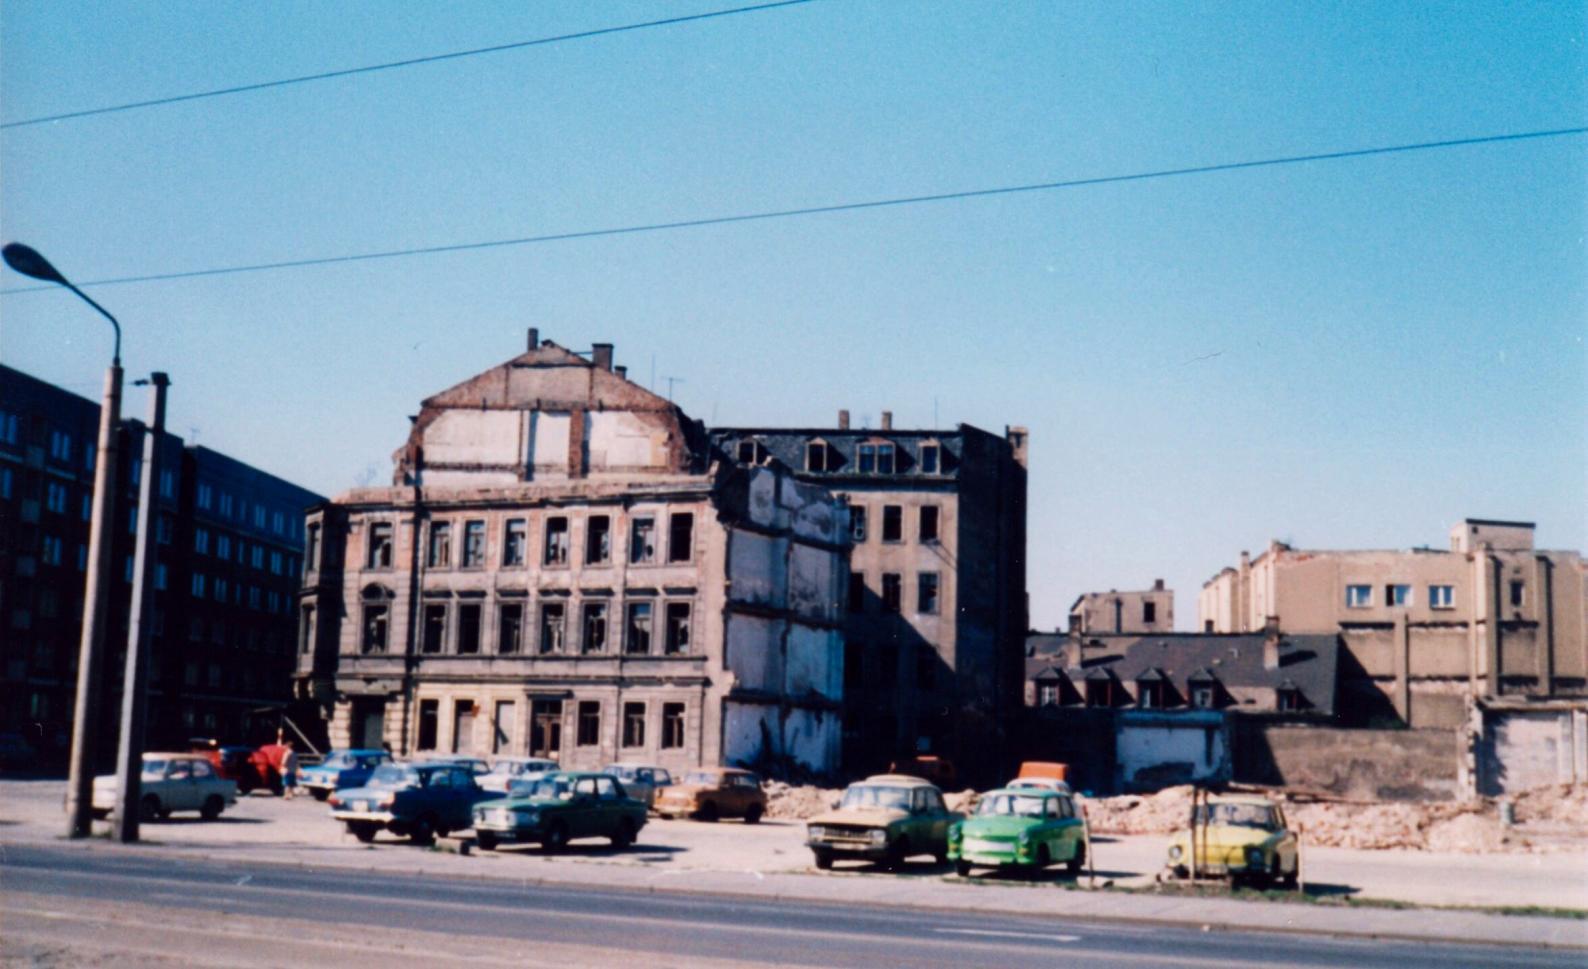 Dresden_1985_Sch%C3%A4fer-Wei%C3%9Feritz-00.jpg